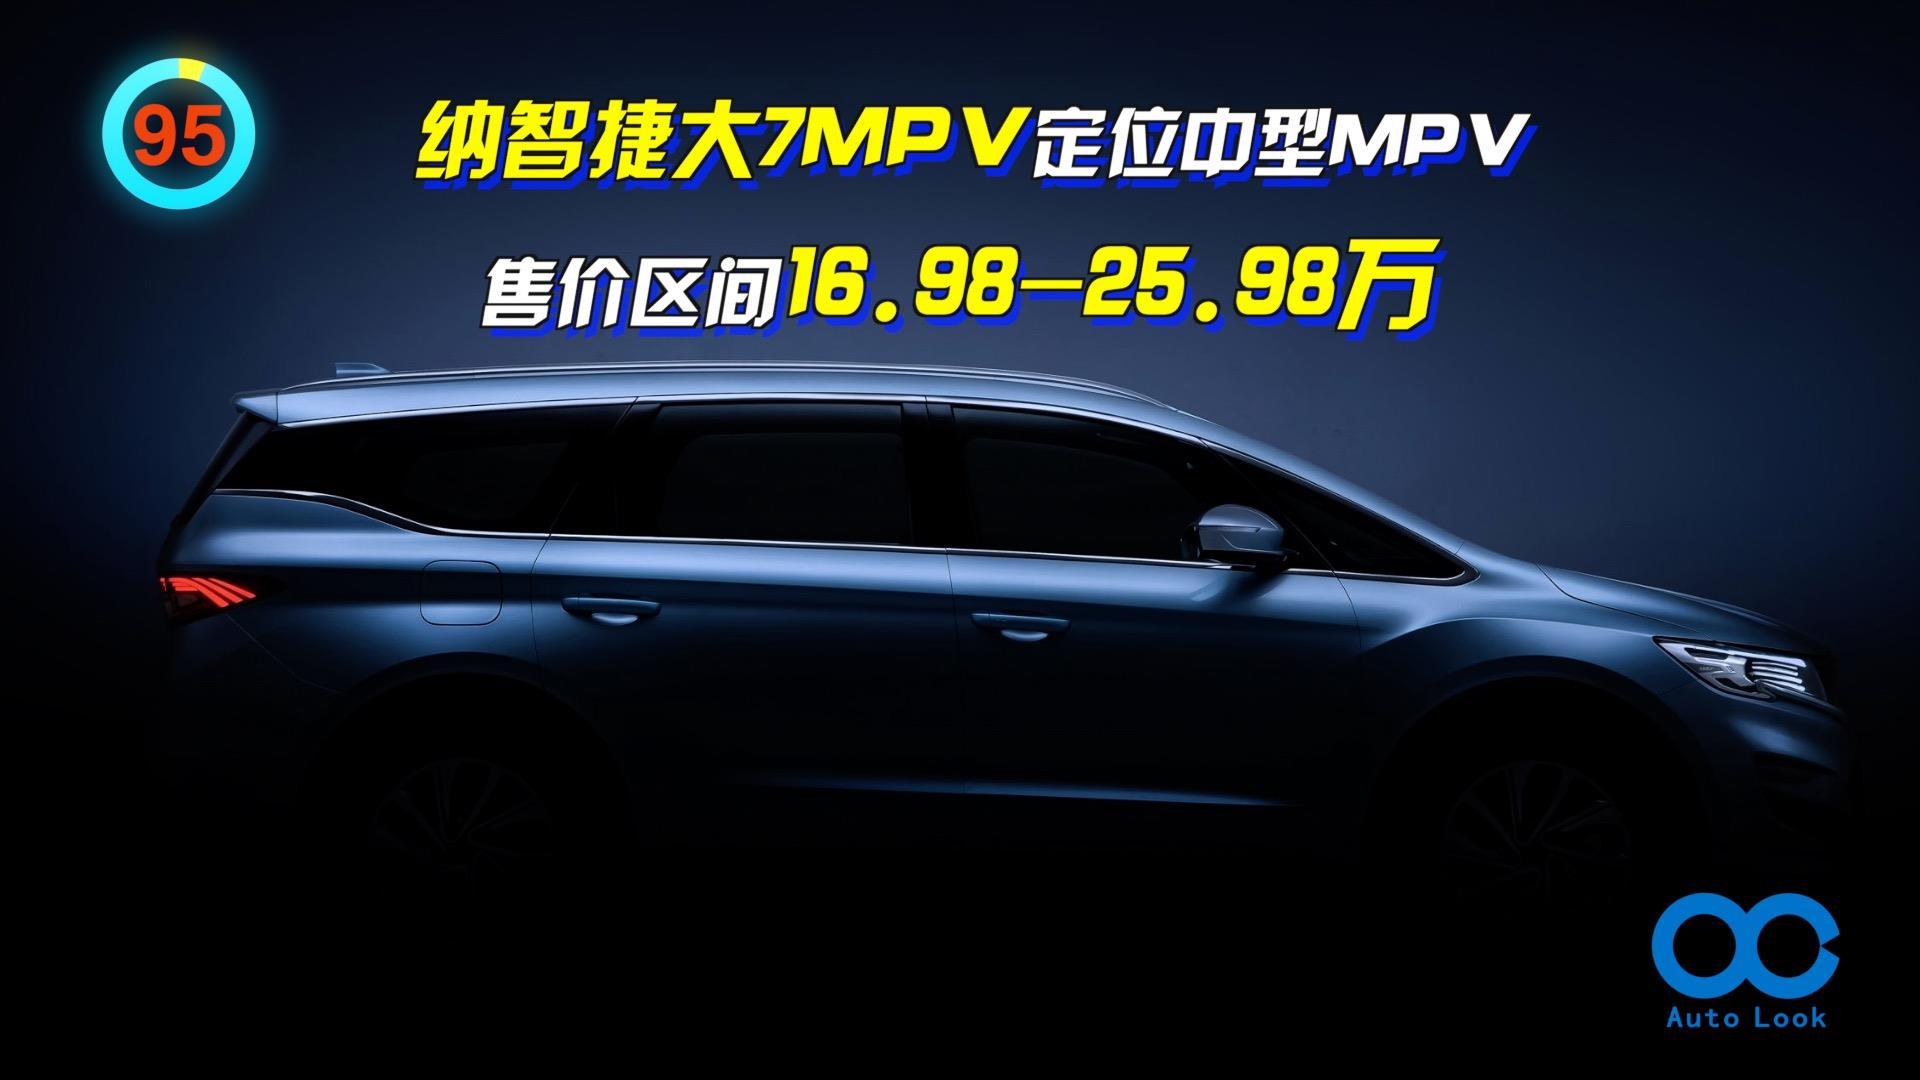 「百秒看车」纳智捷大7MPV 标配10.2英寸中控屏幕